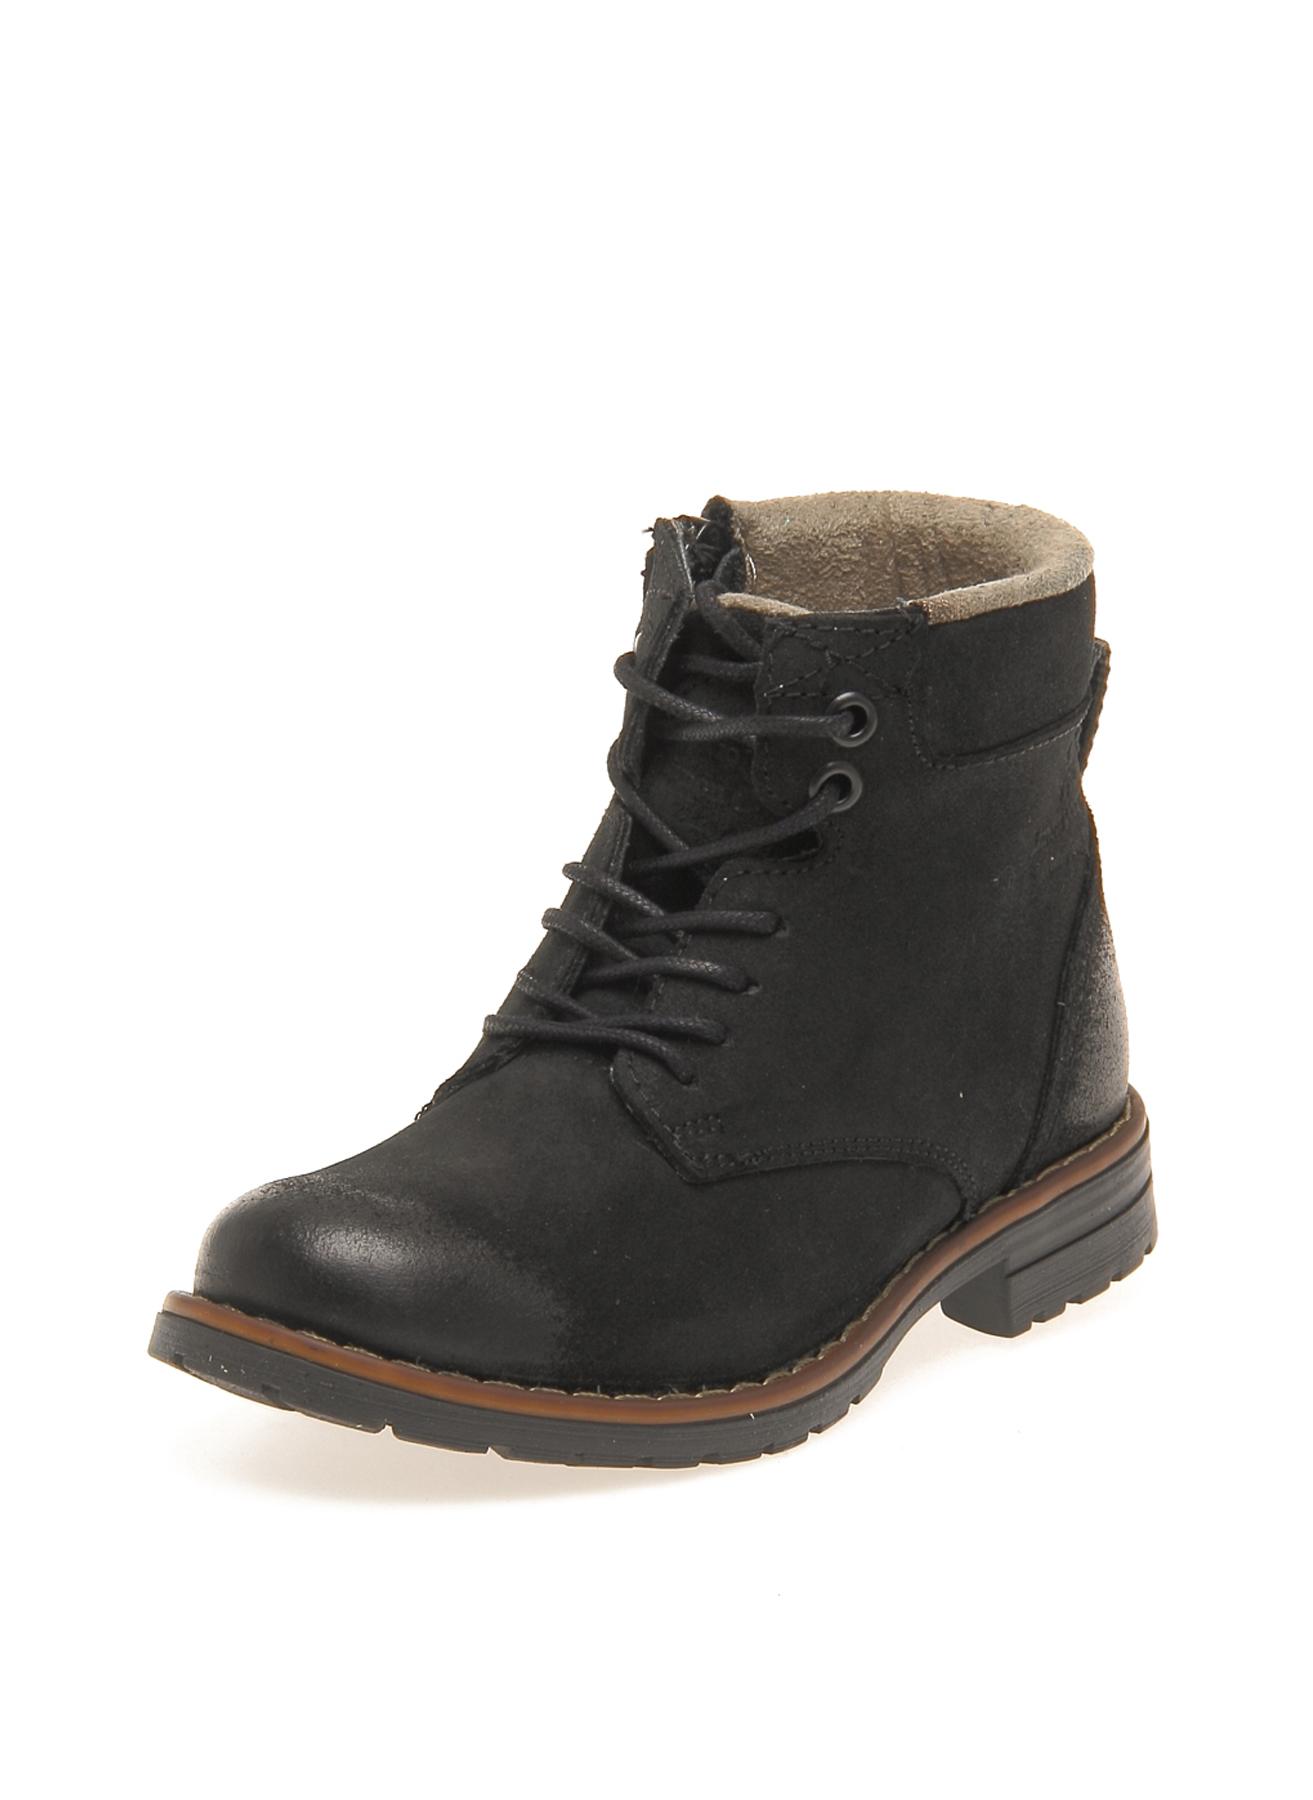 30 Erkek Siyah Limon Bot 5000037397007 Ayakkabı & Çanta Çocuk Ayakkabıları Bot&Çizmeler